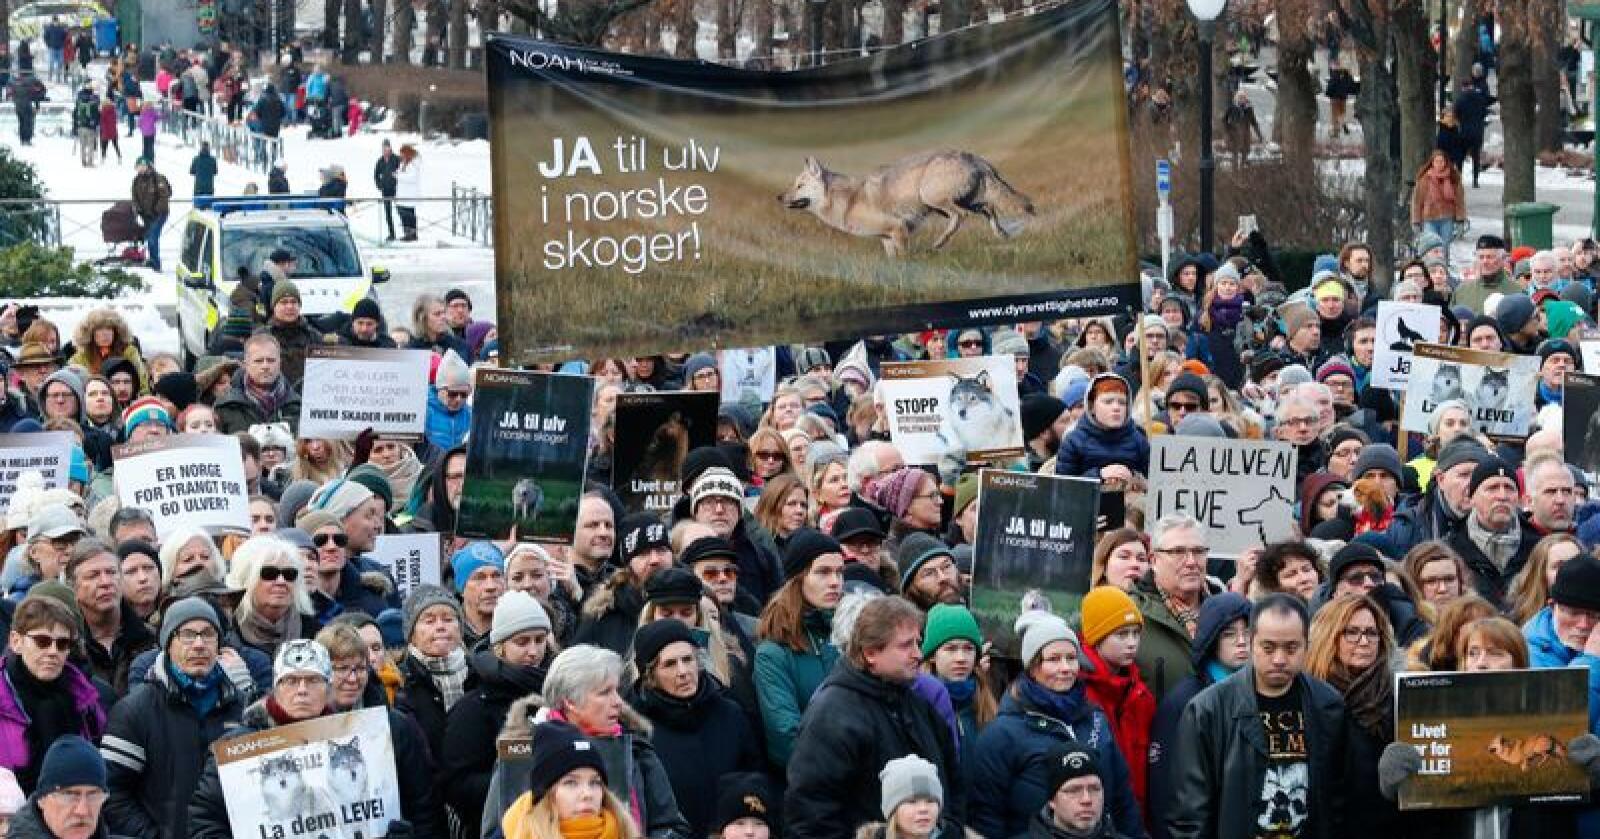 Mange møtte opp foran Stortinget for å demonstrere for å bevare ulv og andre rovdyr i Norge lørdag.Foto: Heiko Junge / NTB scanpix